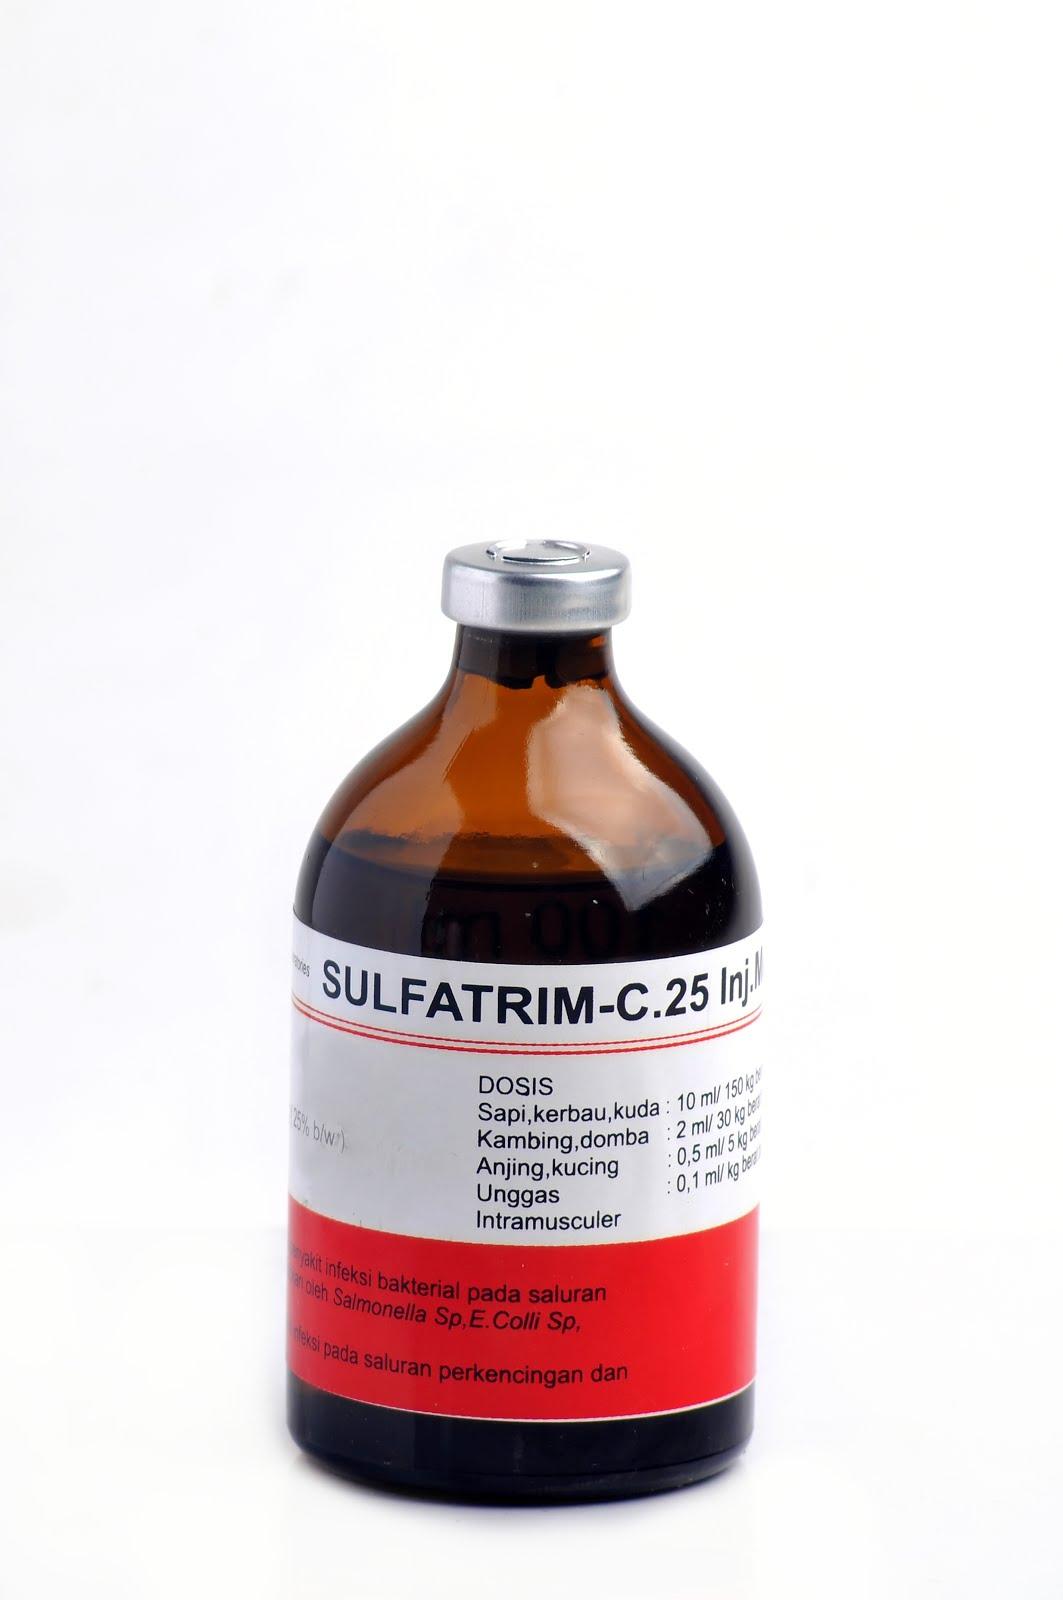 Sulfatrim Inj. Meyer